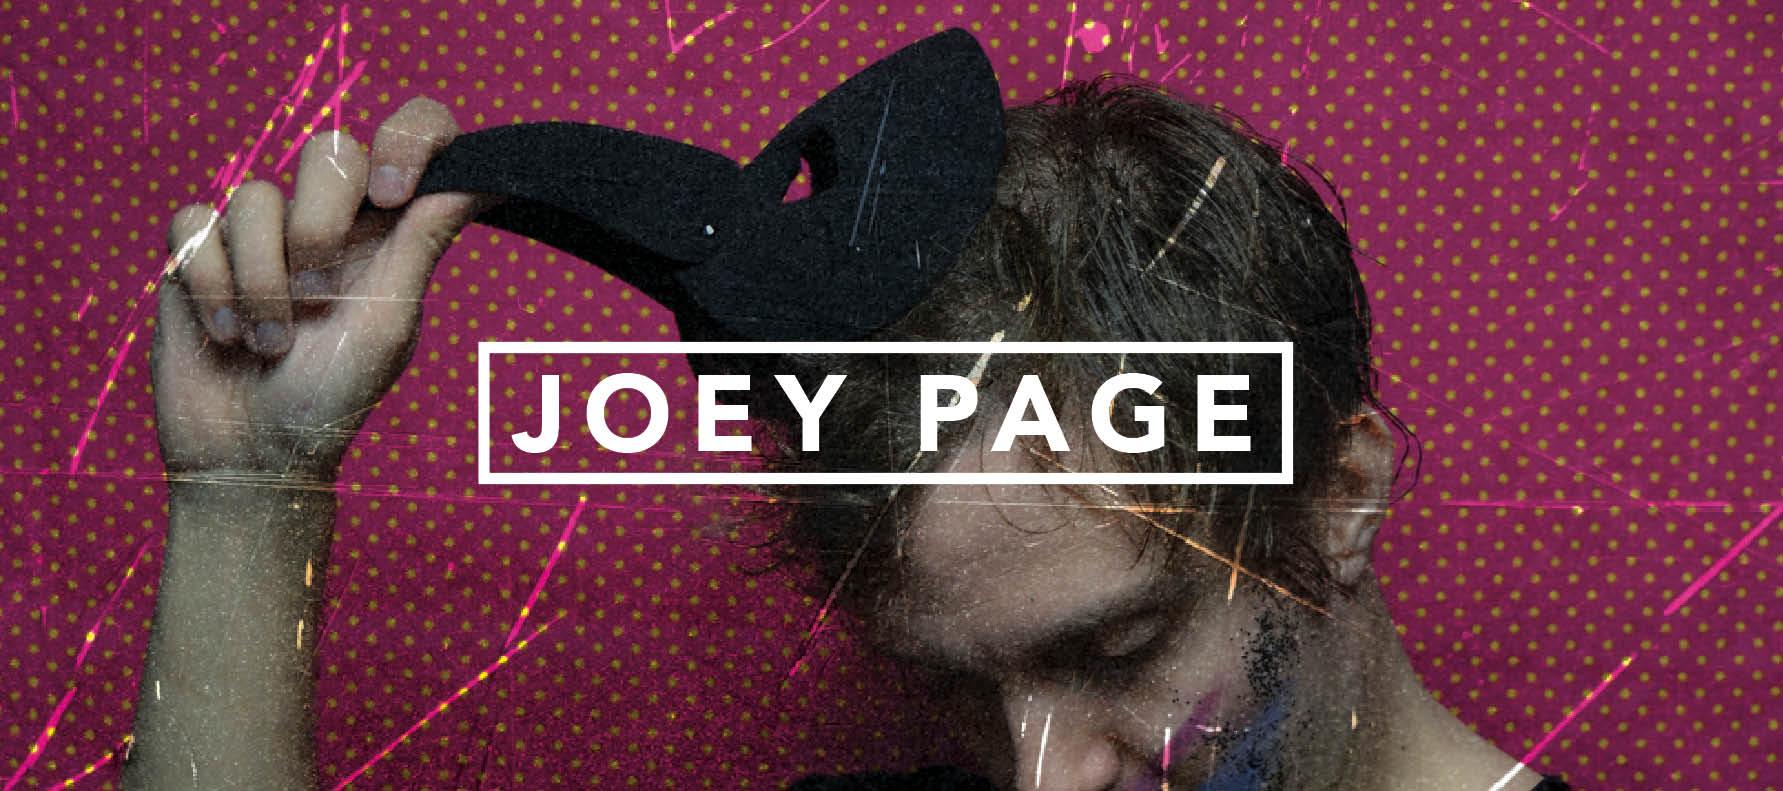 dead man label joey page